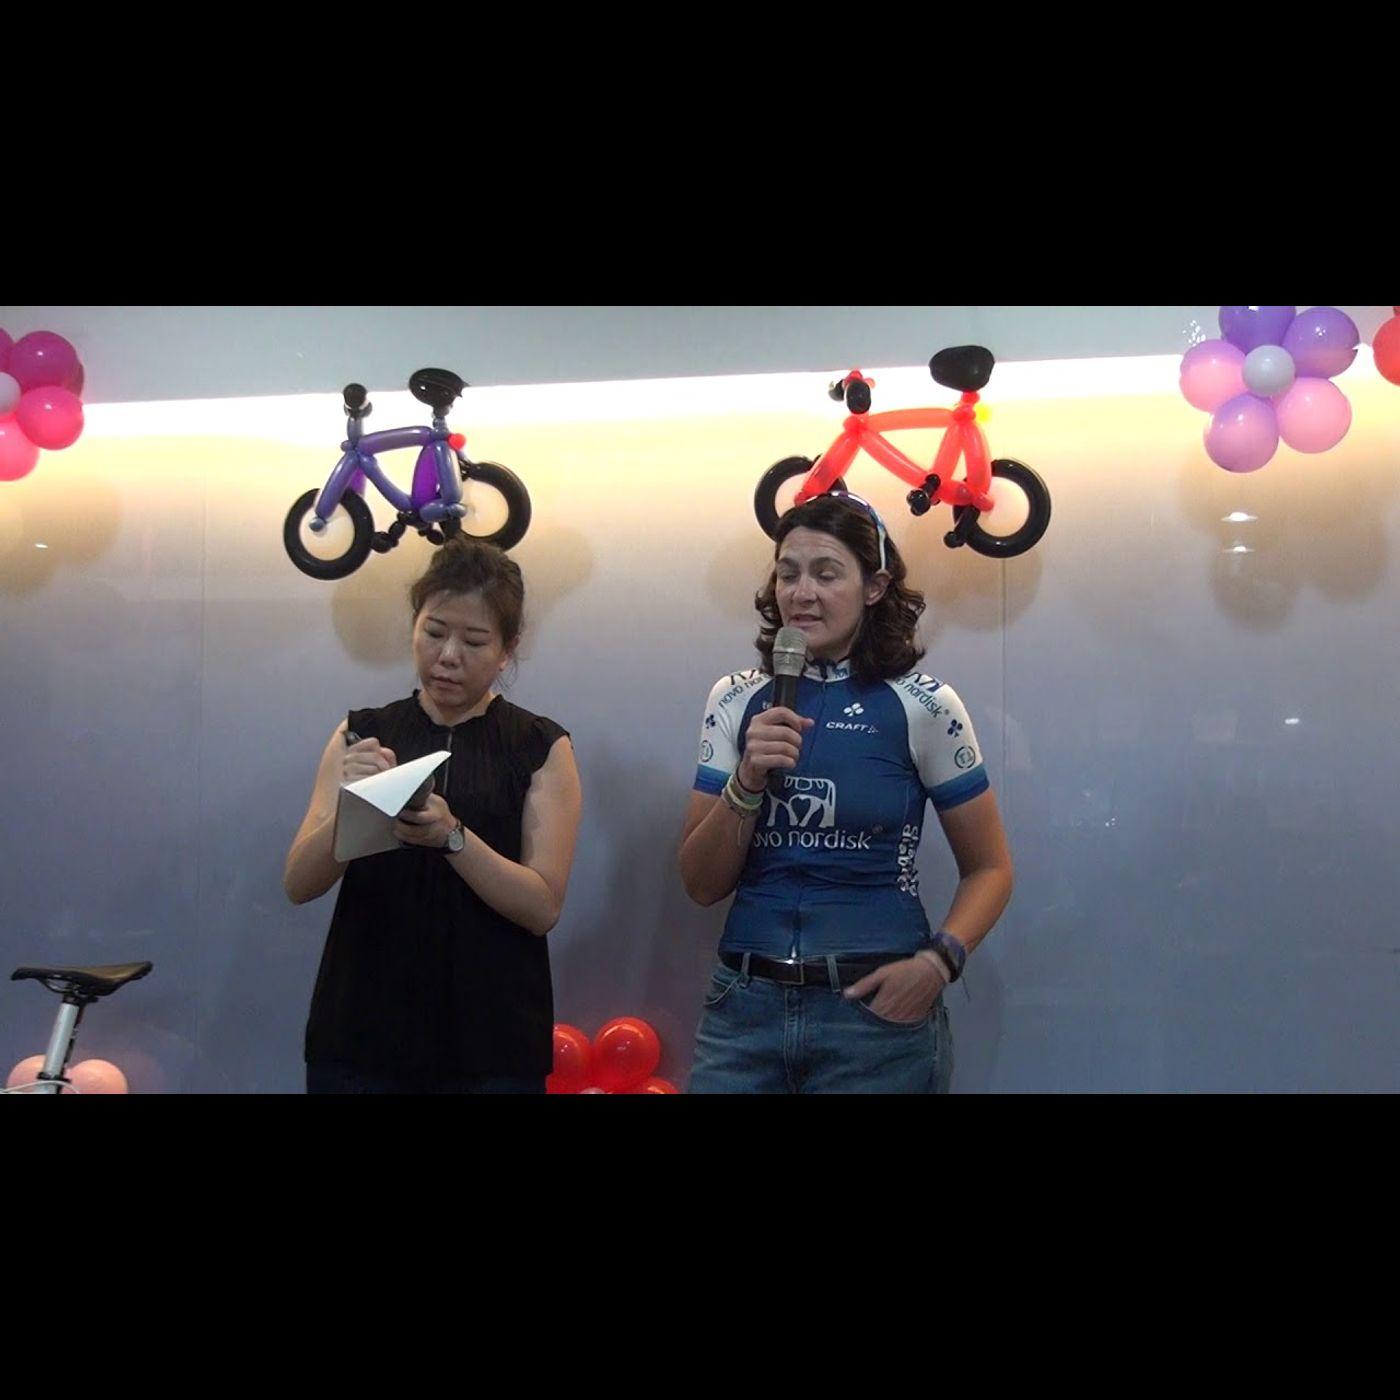 美國職業單車選手糖尿病友Becky分享會part1